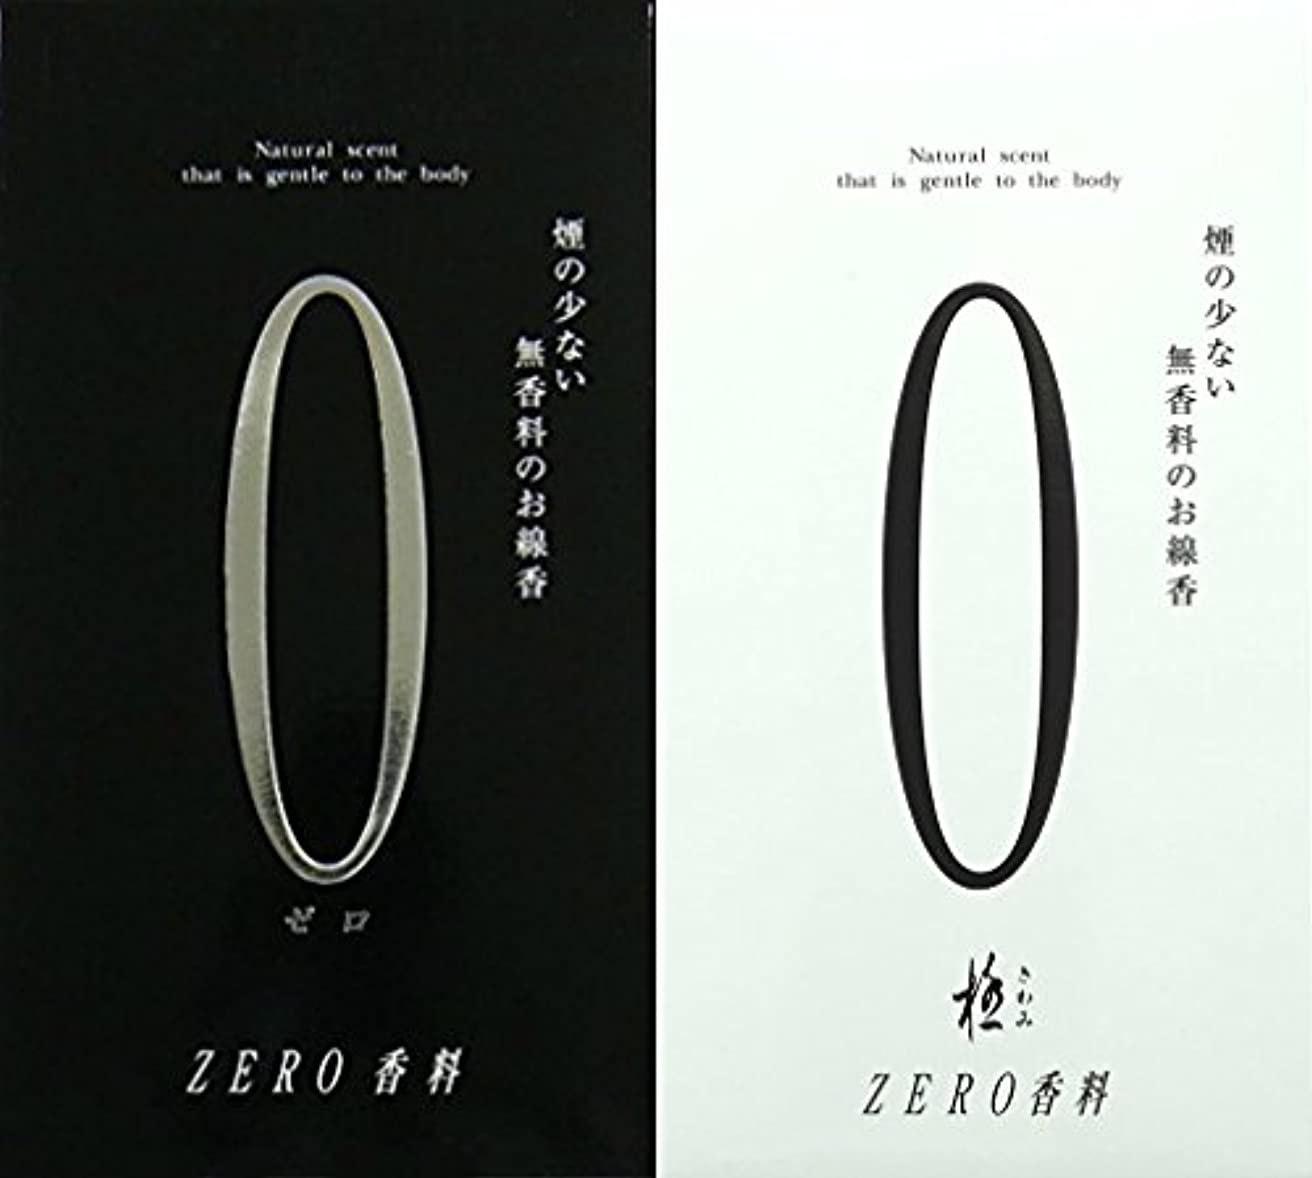 オーバーランいちゃつくオリエント極 (きわみ) ZERO 香料 130g 【黒?白セット】